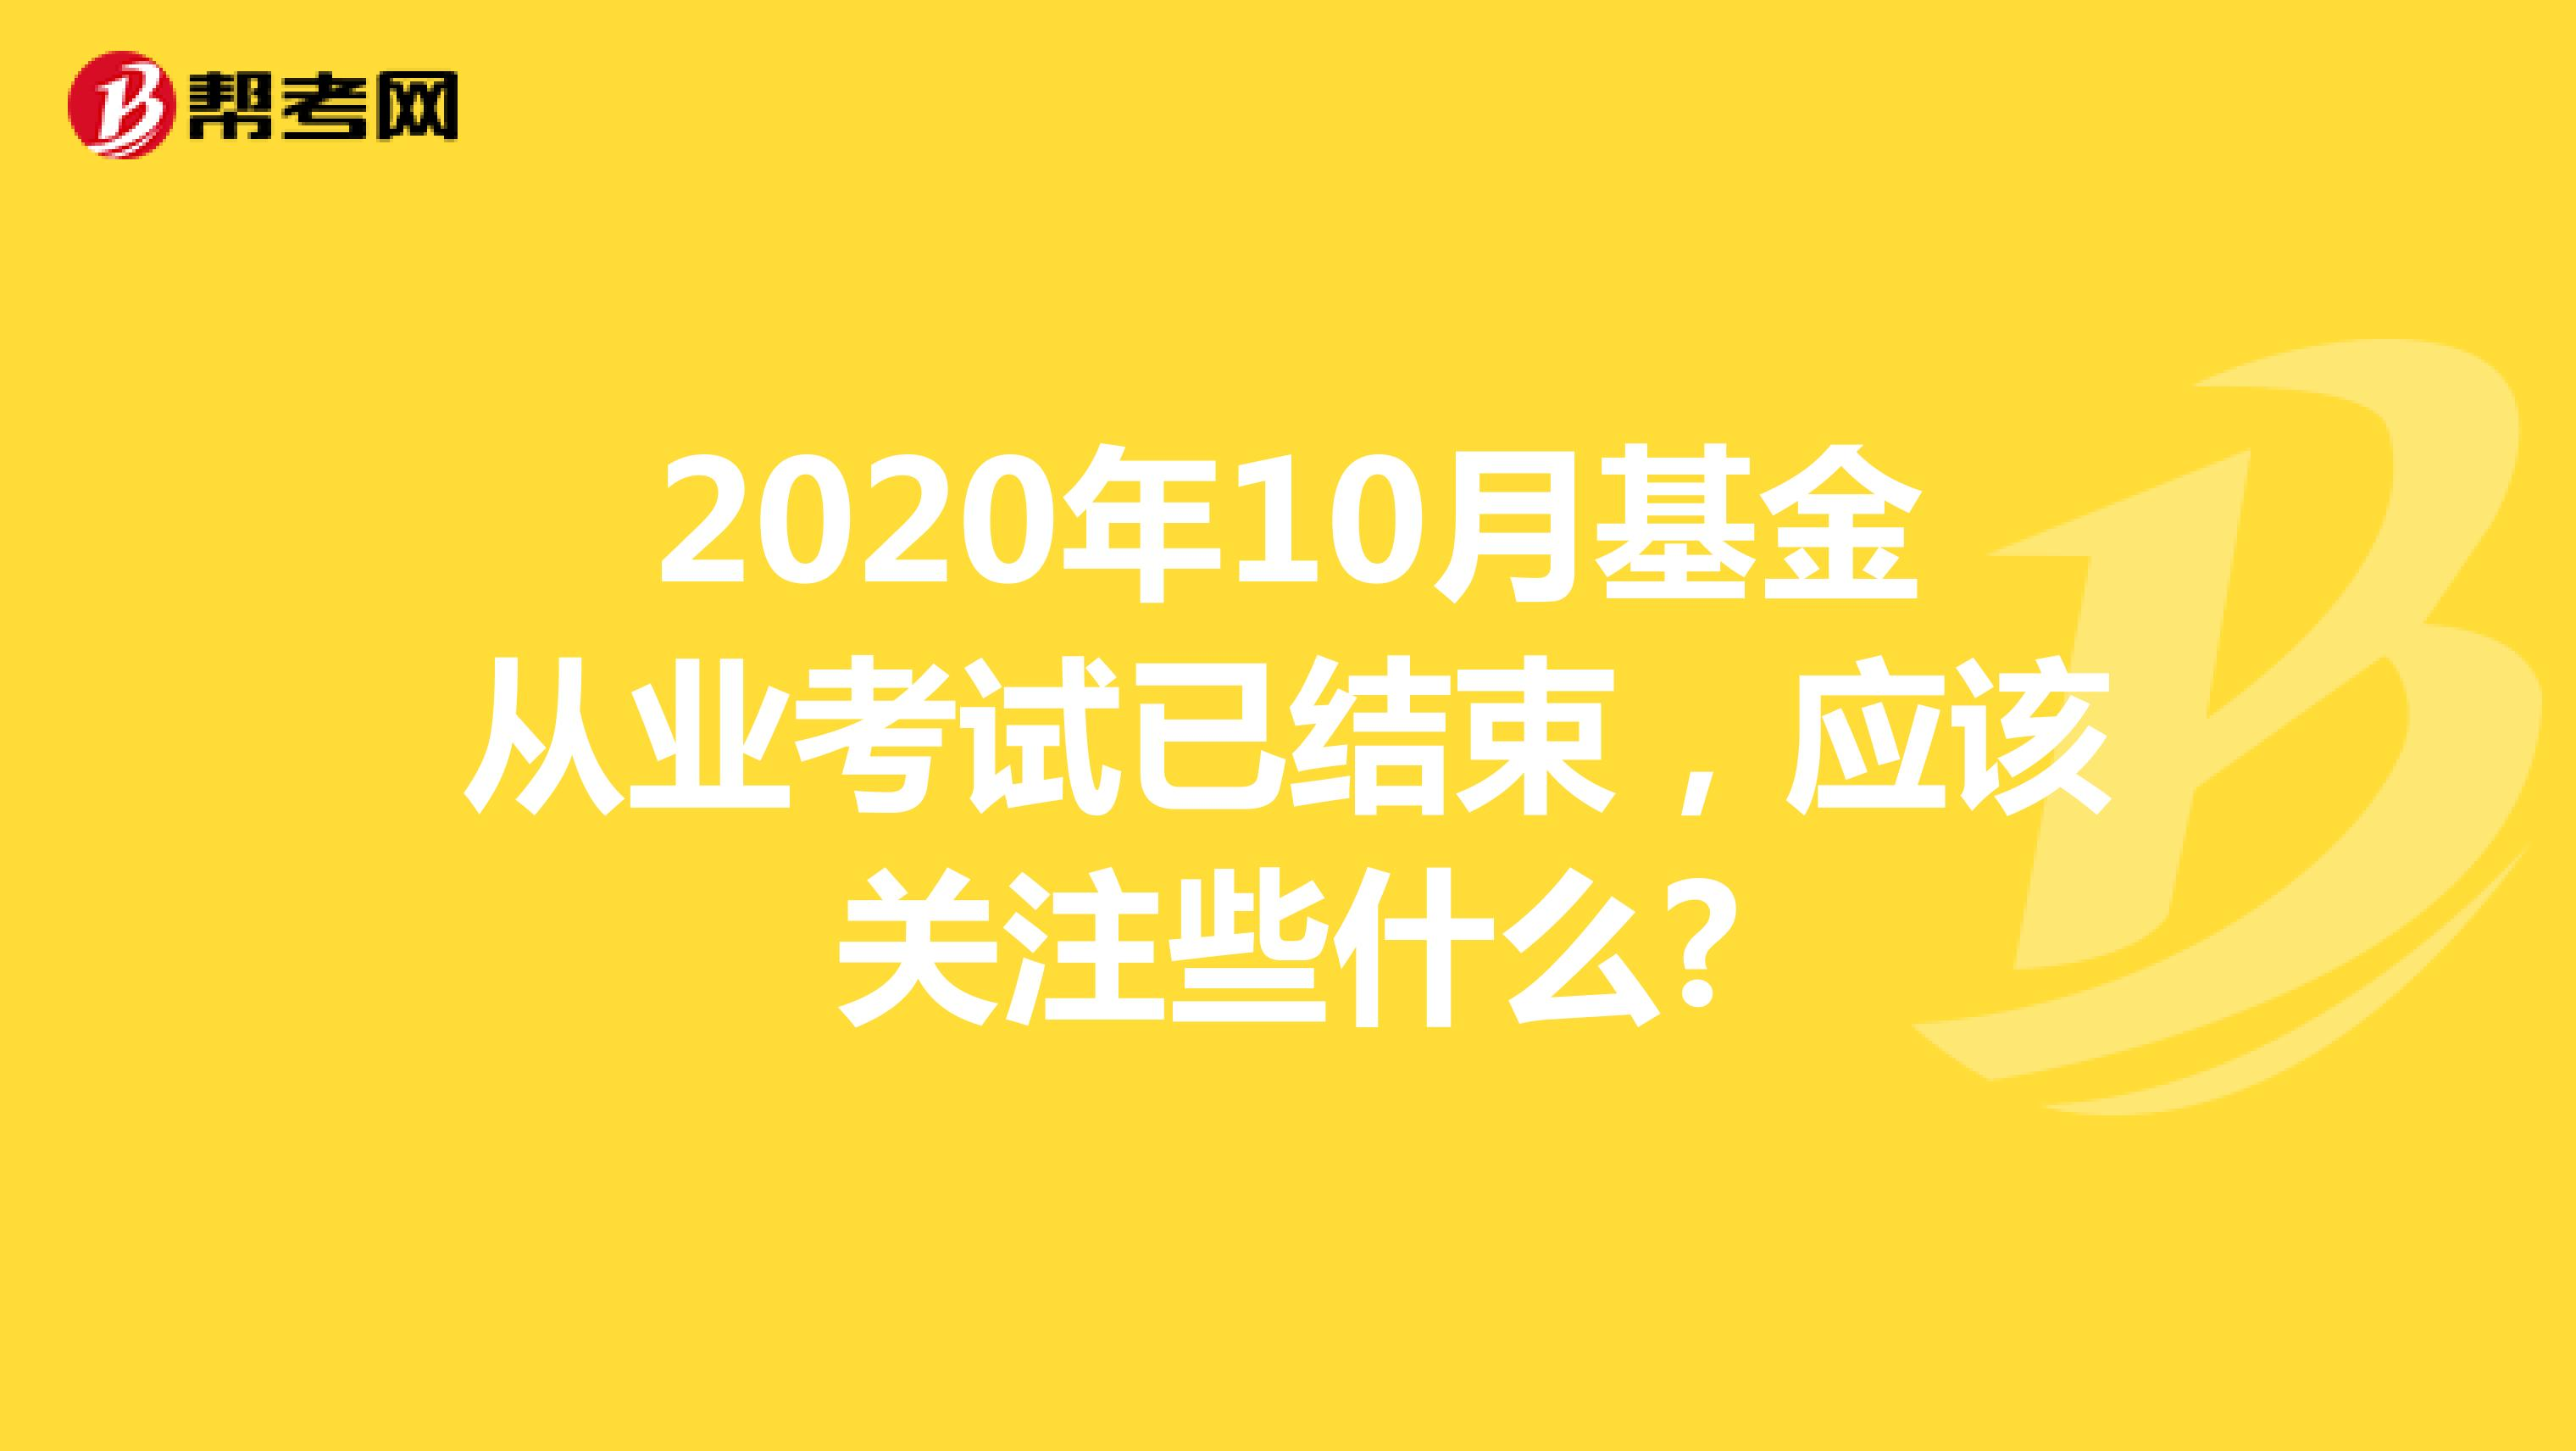 2020年10月基金从业考试已结束,应该关注些什么?